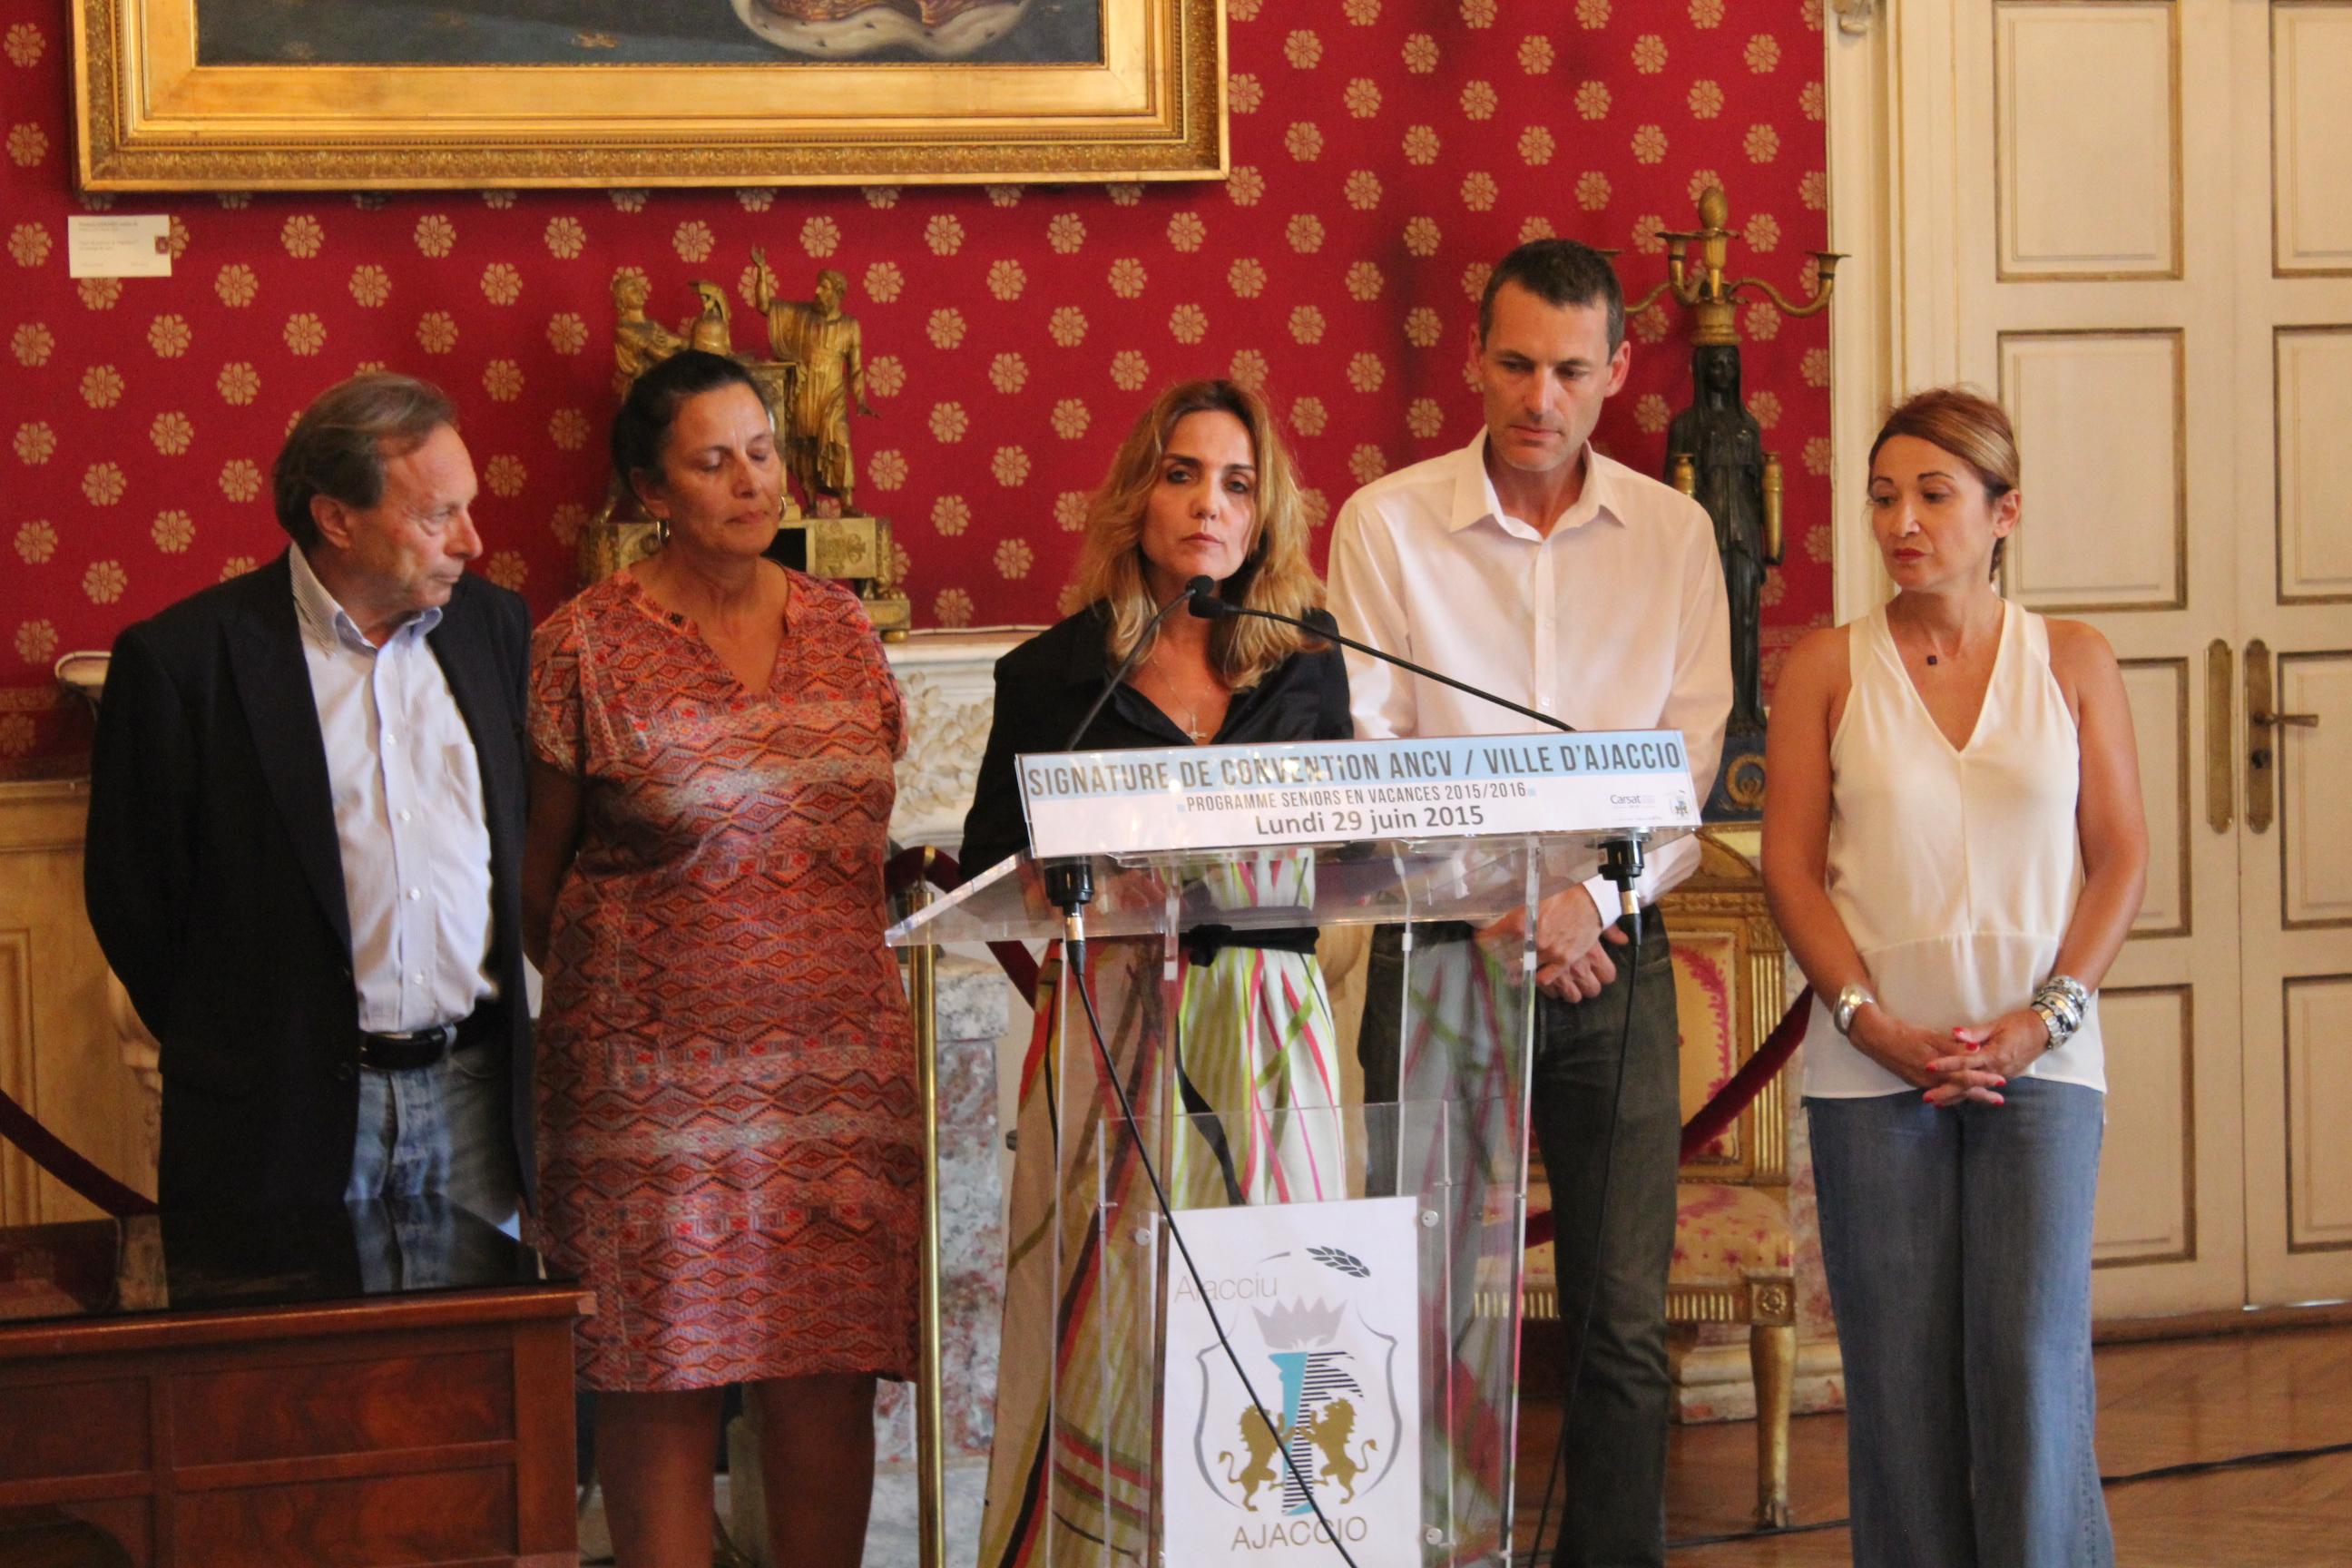 La Ville d'Ajaccio s'engage  avec l'Agence Nationale des Chèques Vacances (ANCV)